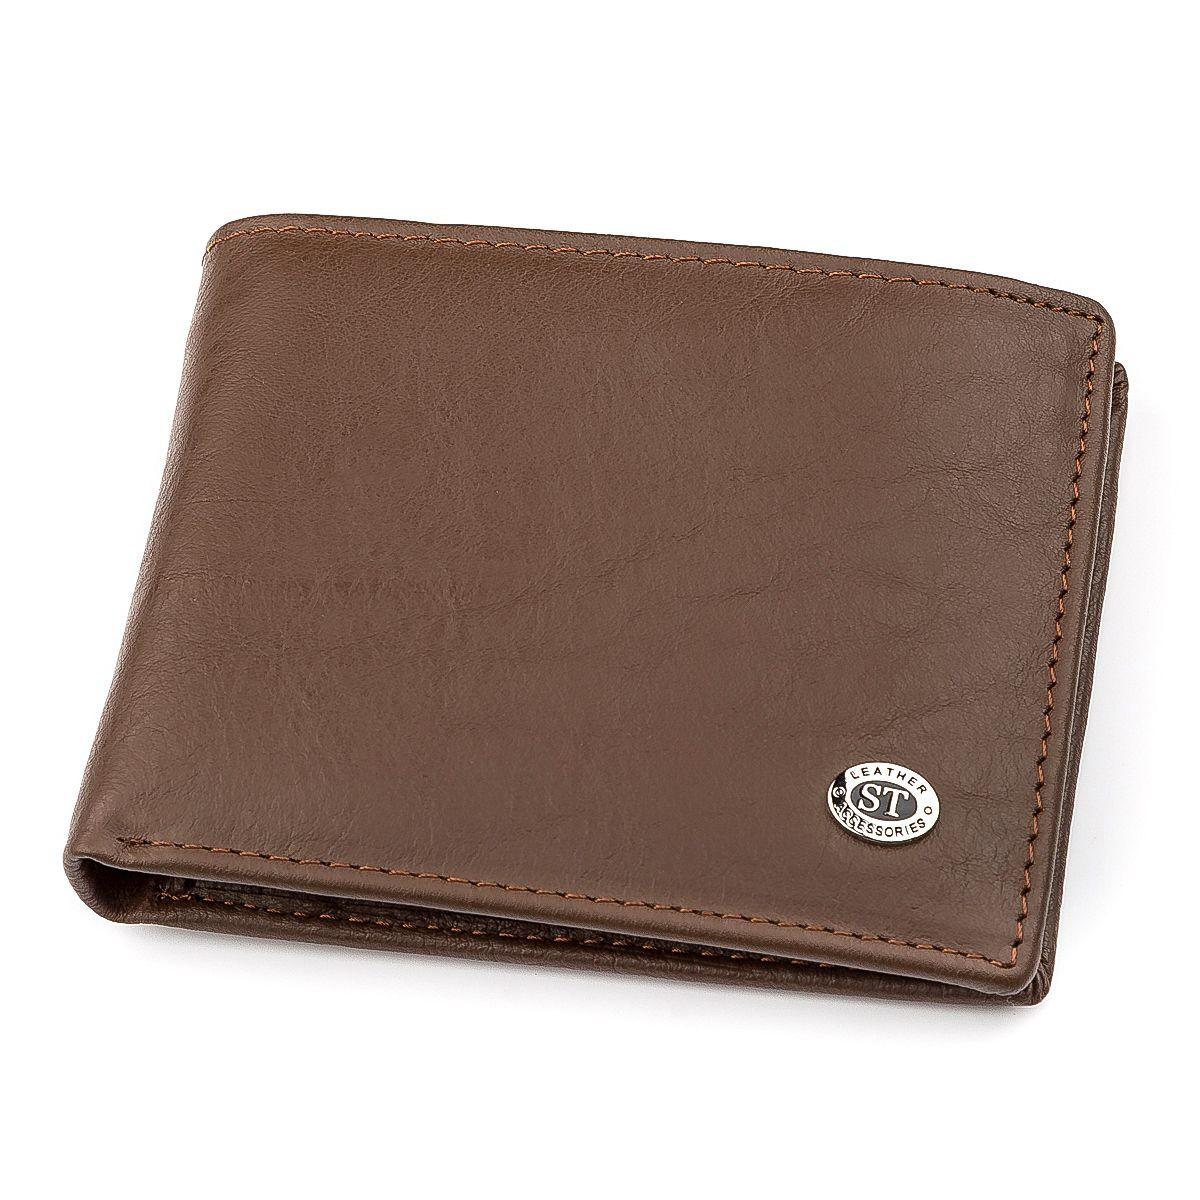 Мужской кошелек ST Leather 18353 (ST-1) НОВИНКА Коричневый, Коричневый